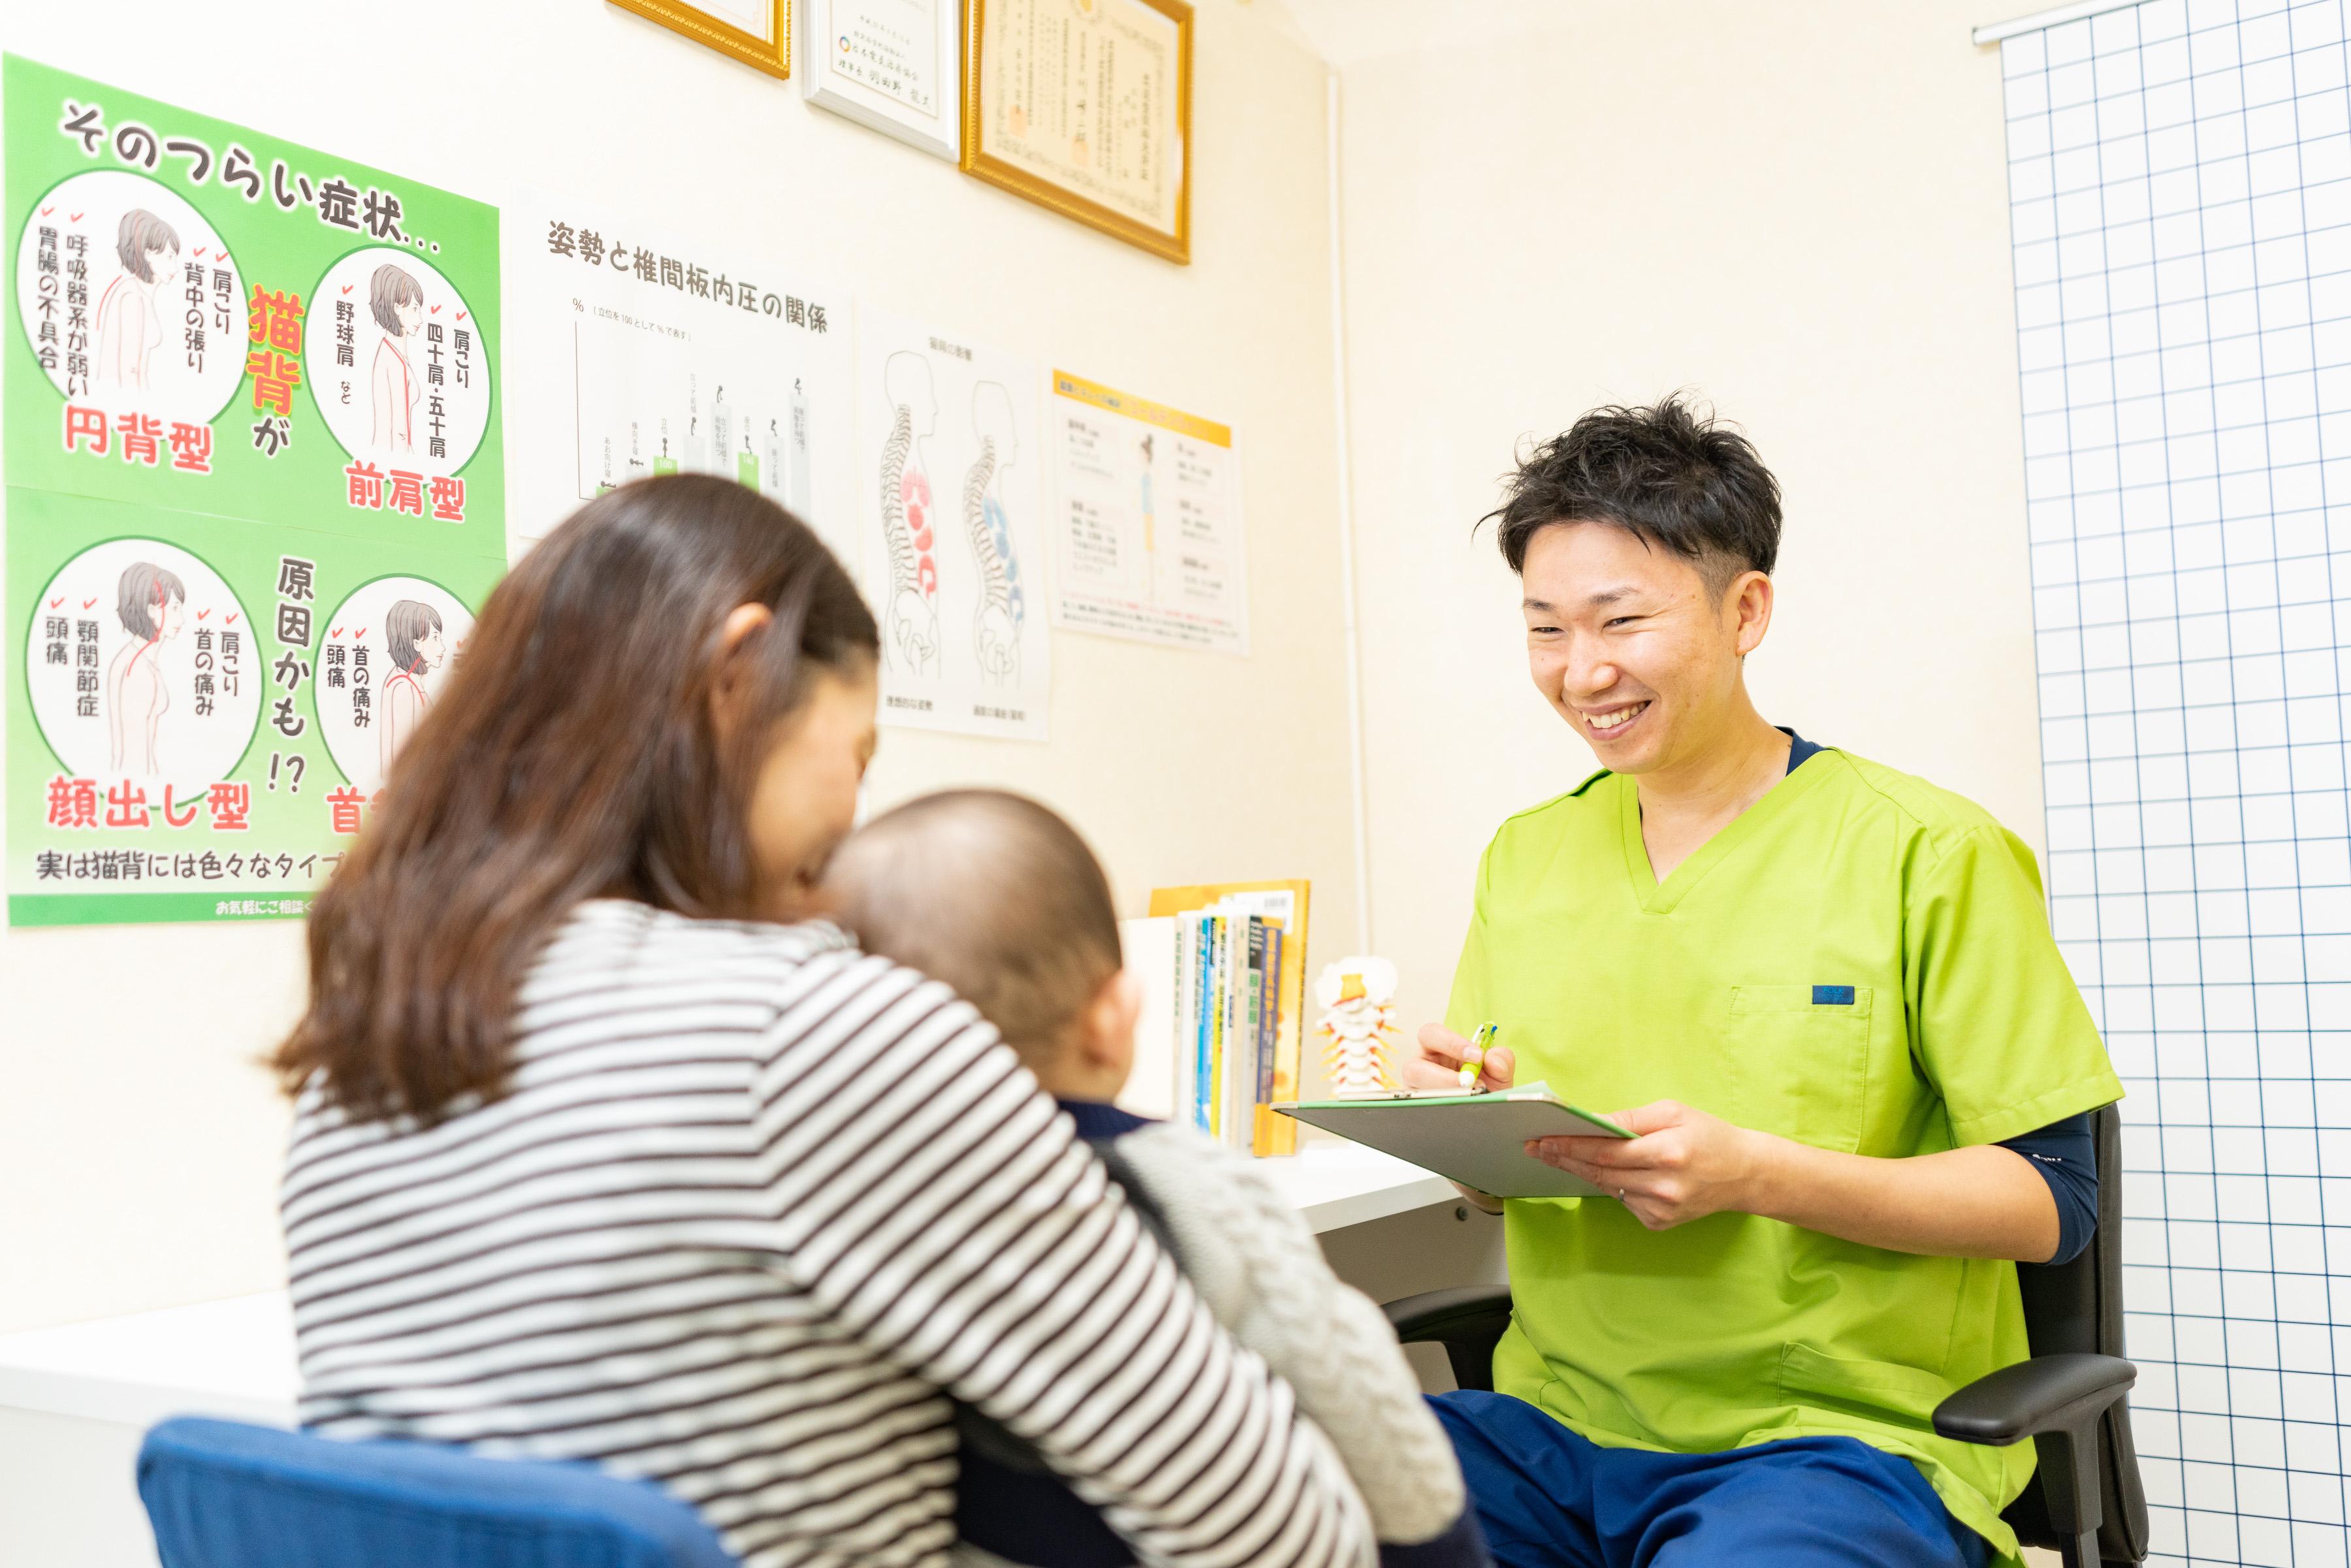 産後骨盤矯正|札幌市東区で産後骨盤矯正はまこと整骨院へ